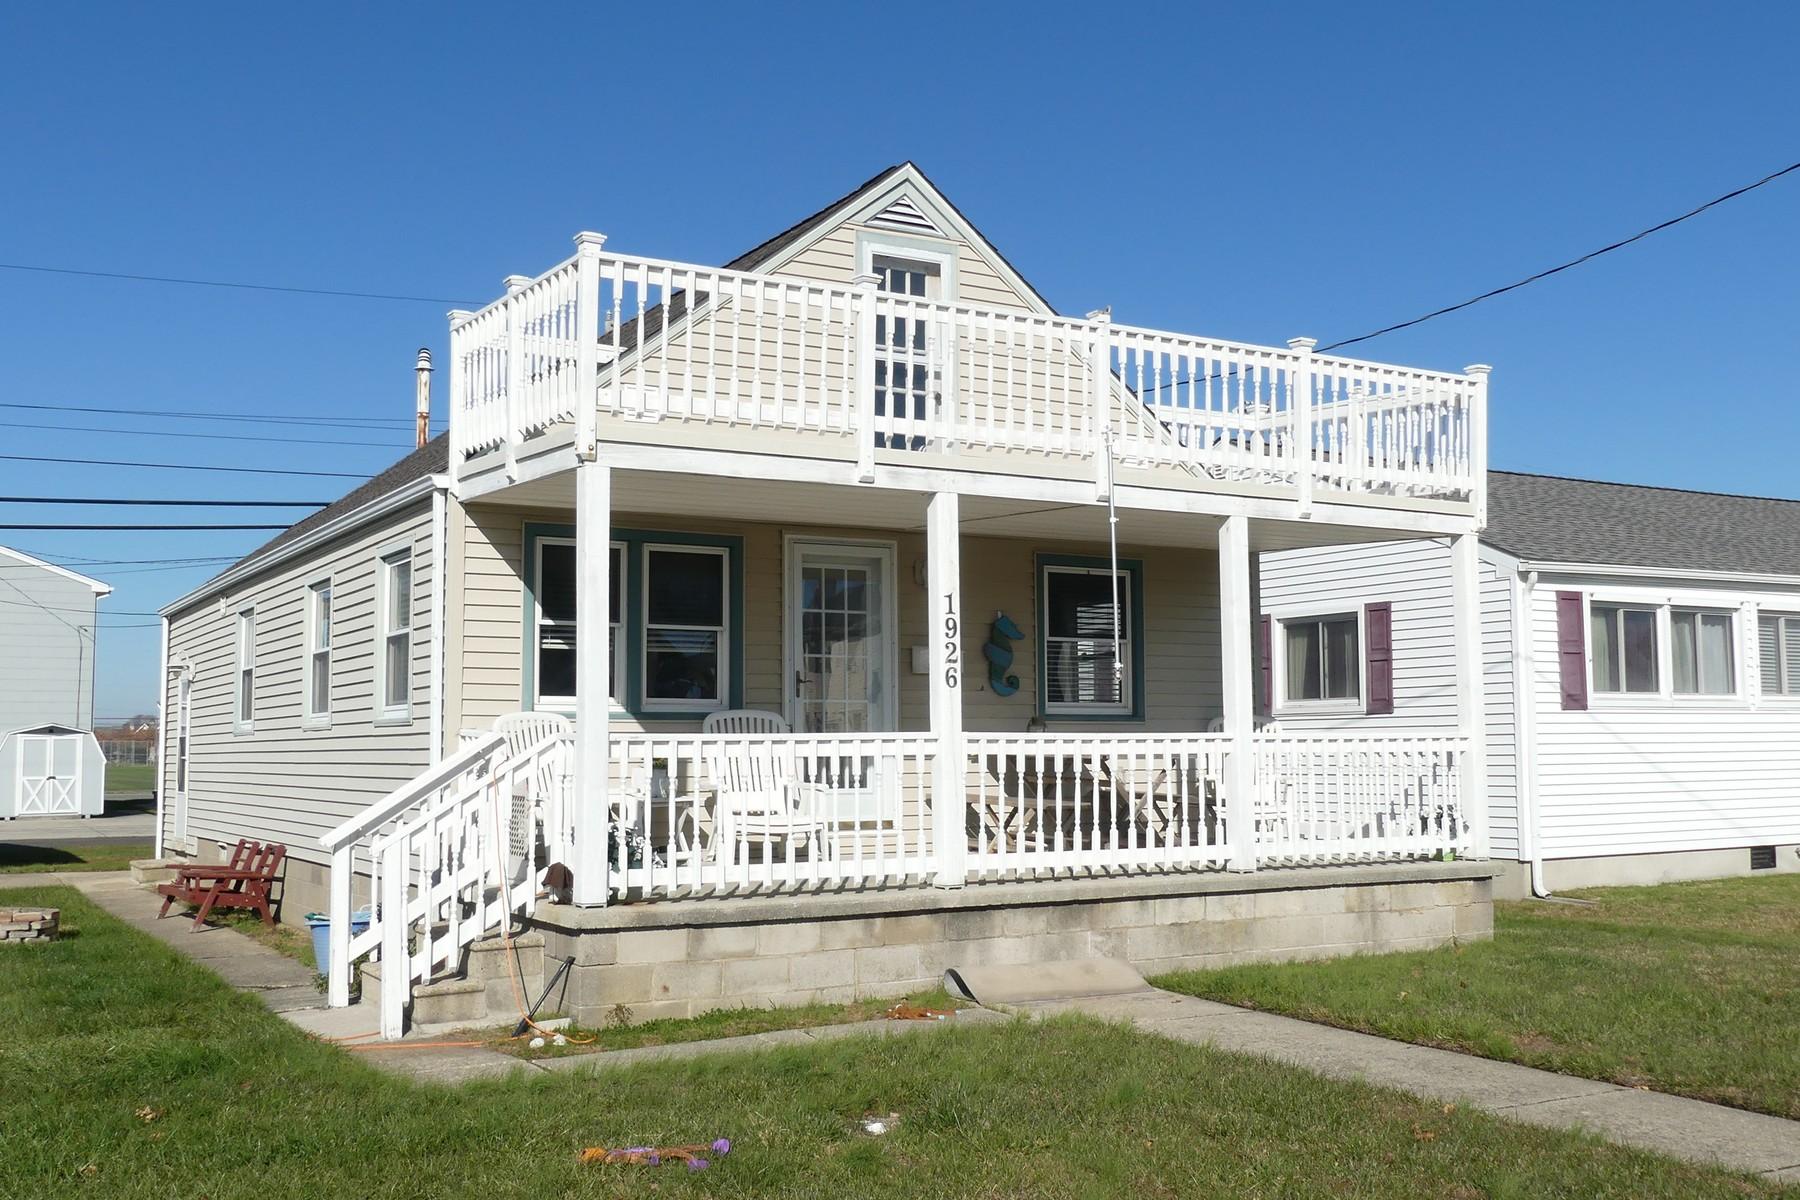 独户住宅 为 销售 在 Single Family Home 1926 West Avenue, Ocean City, 新泽西州, NJ 美国